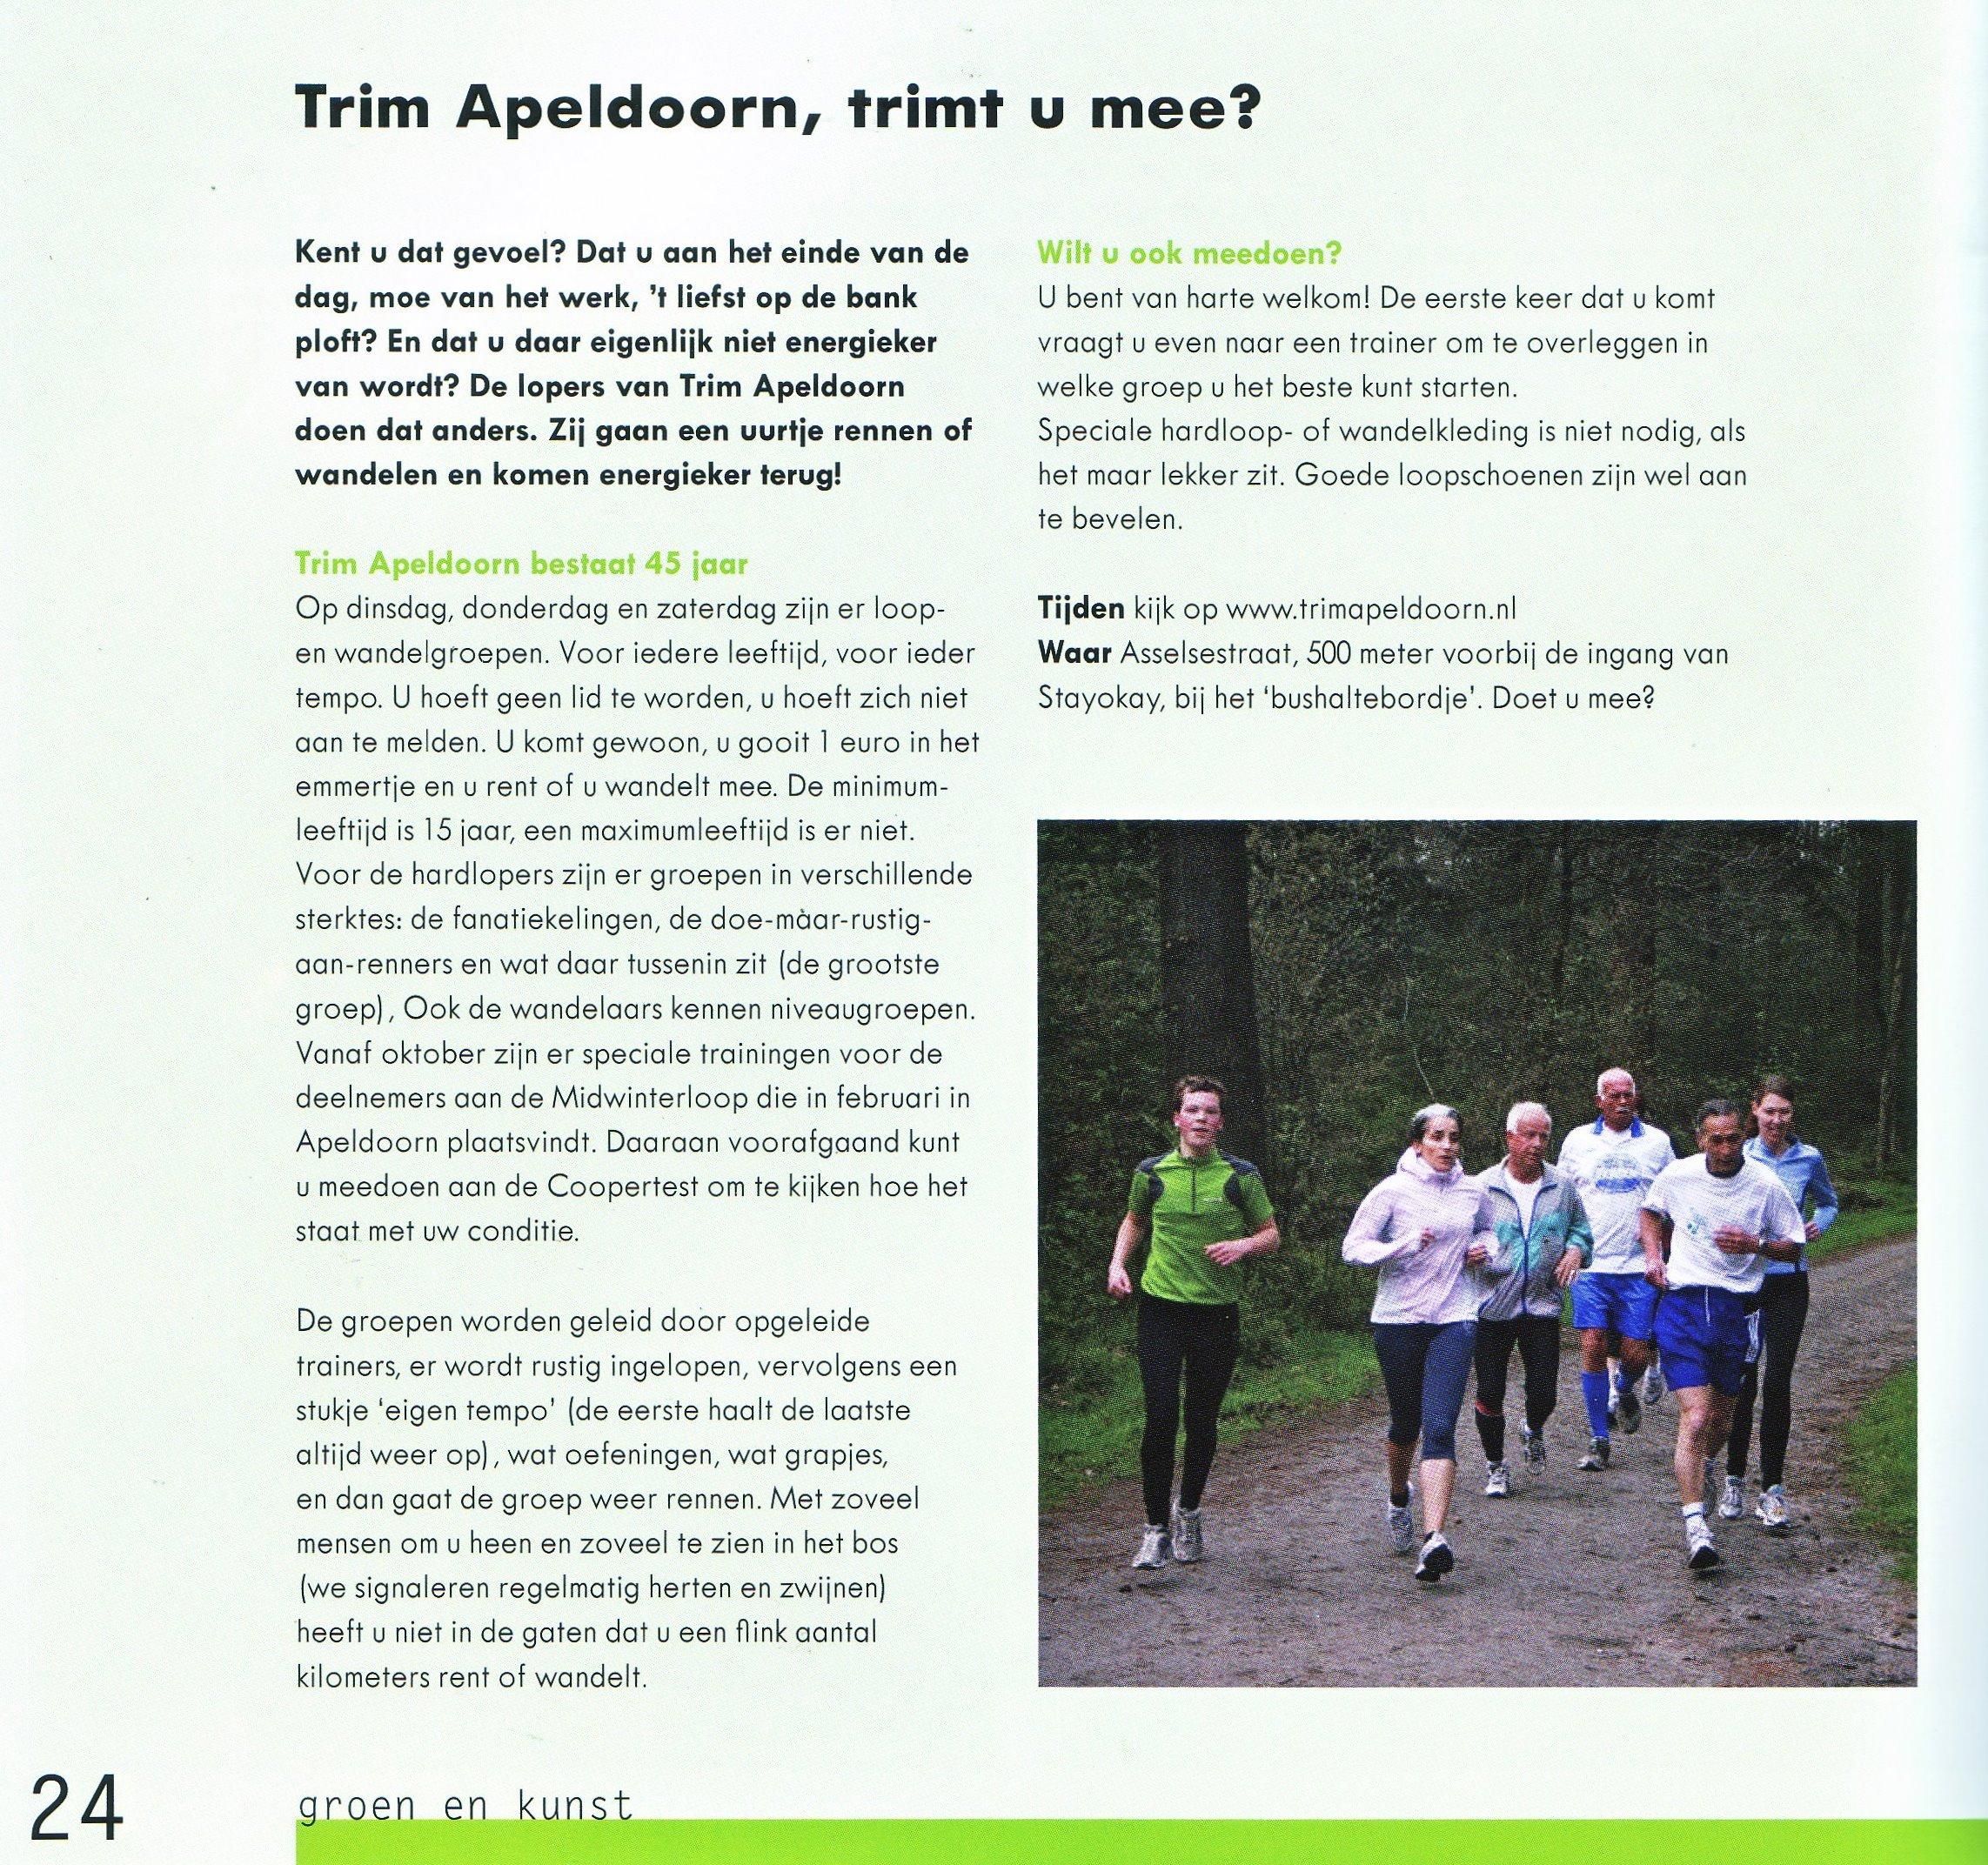 Trim Apeldoorn, Trimt U mee? 2007